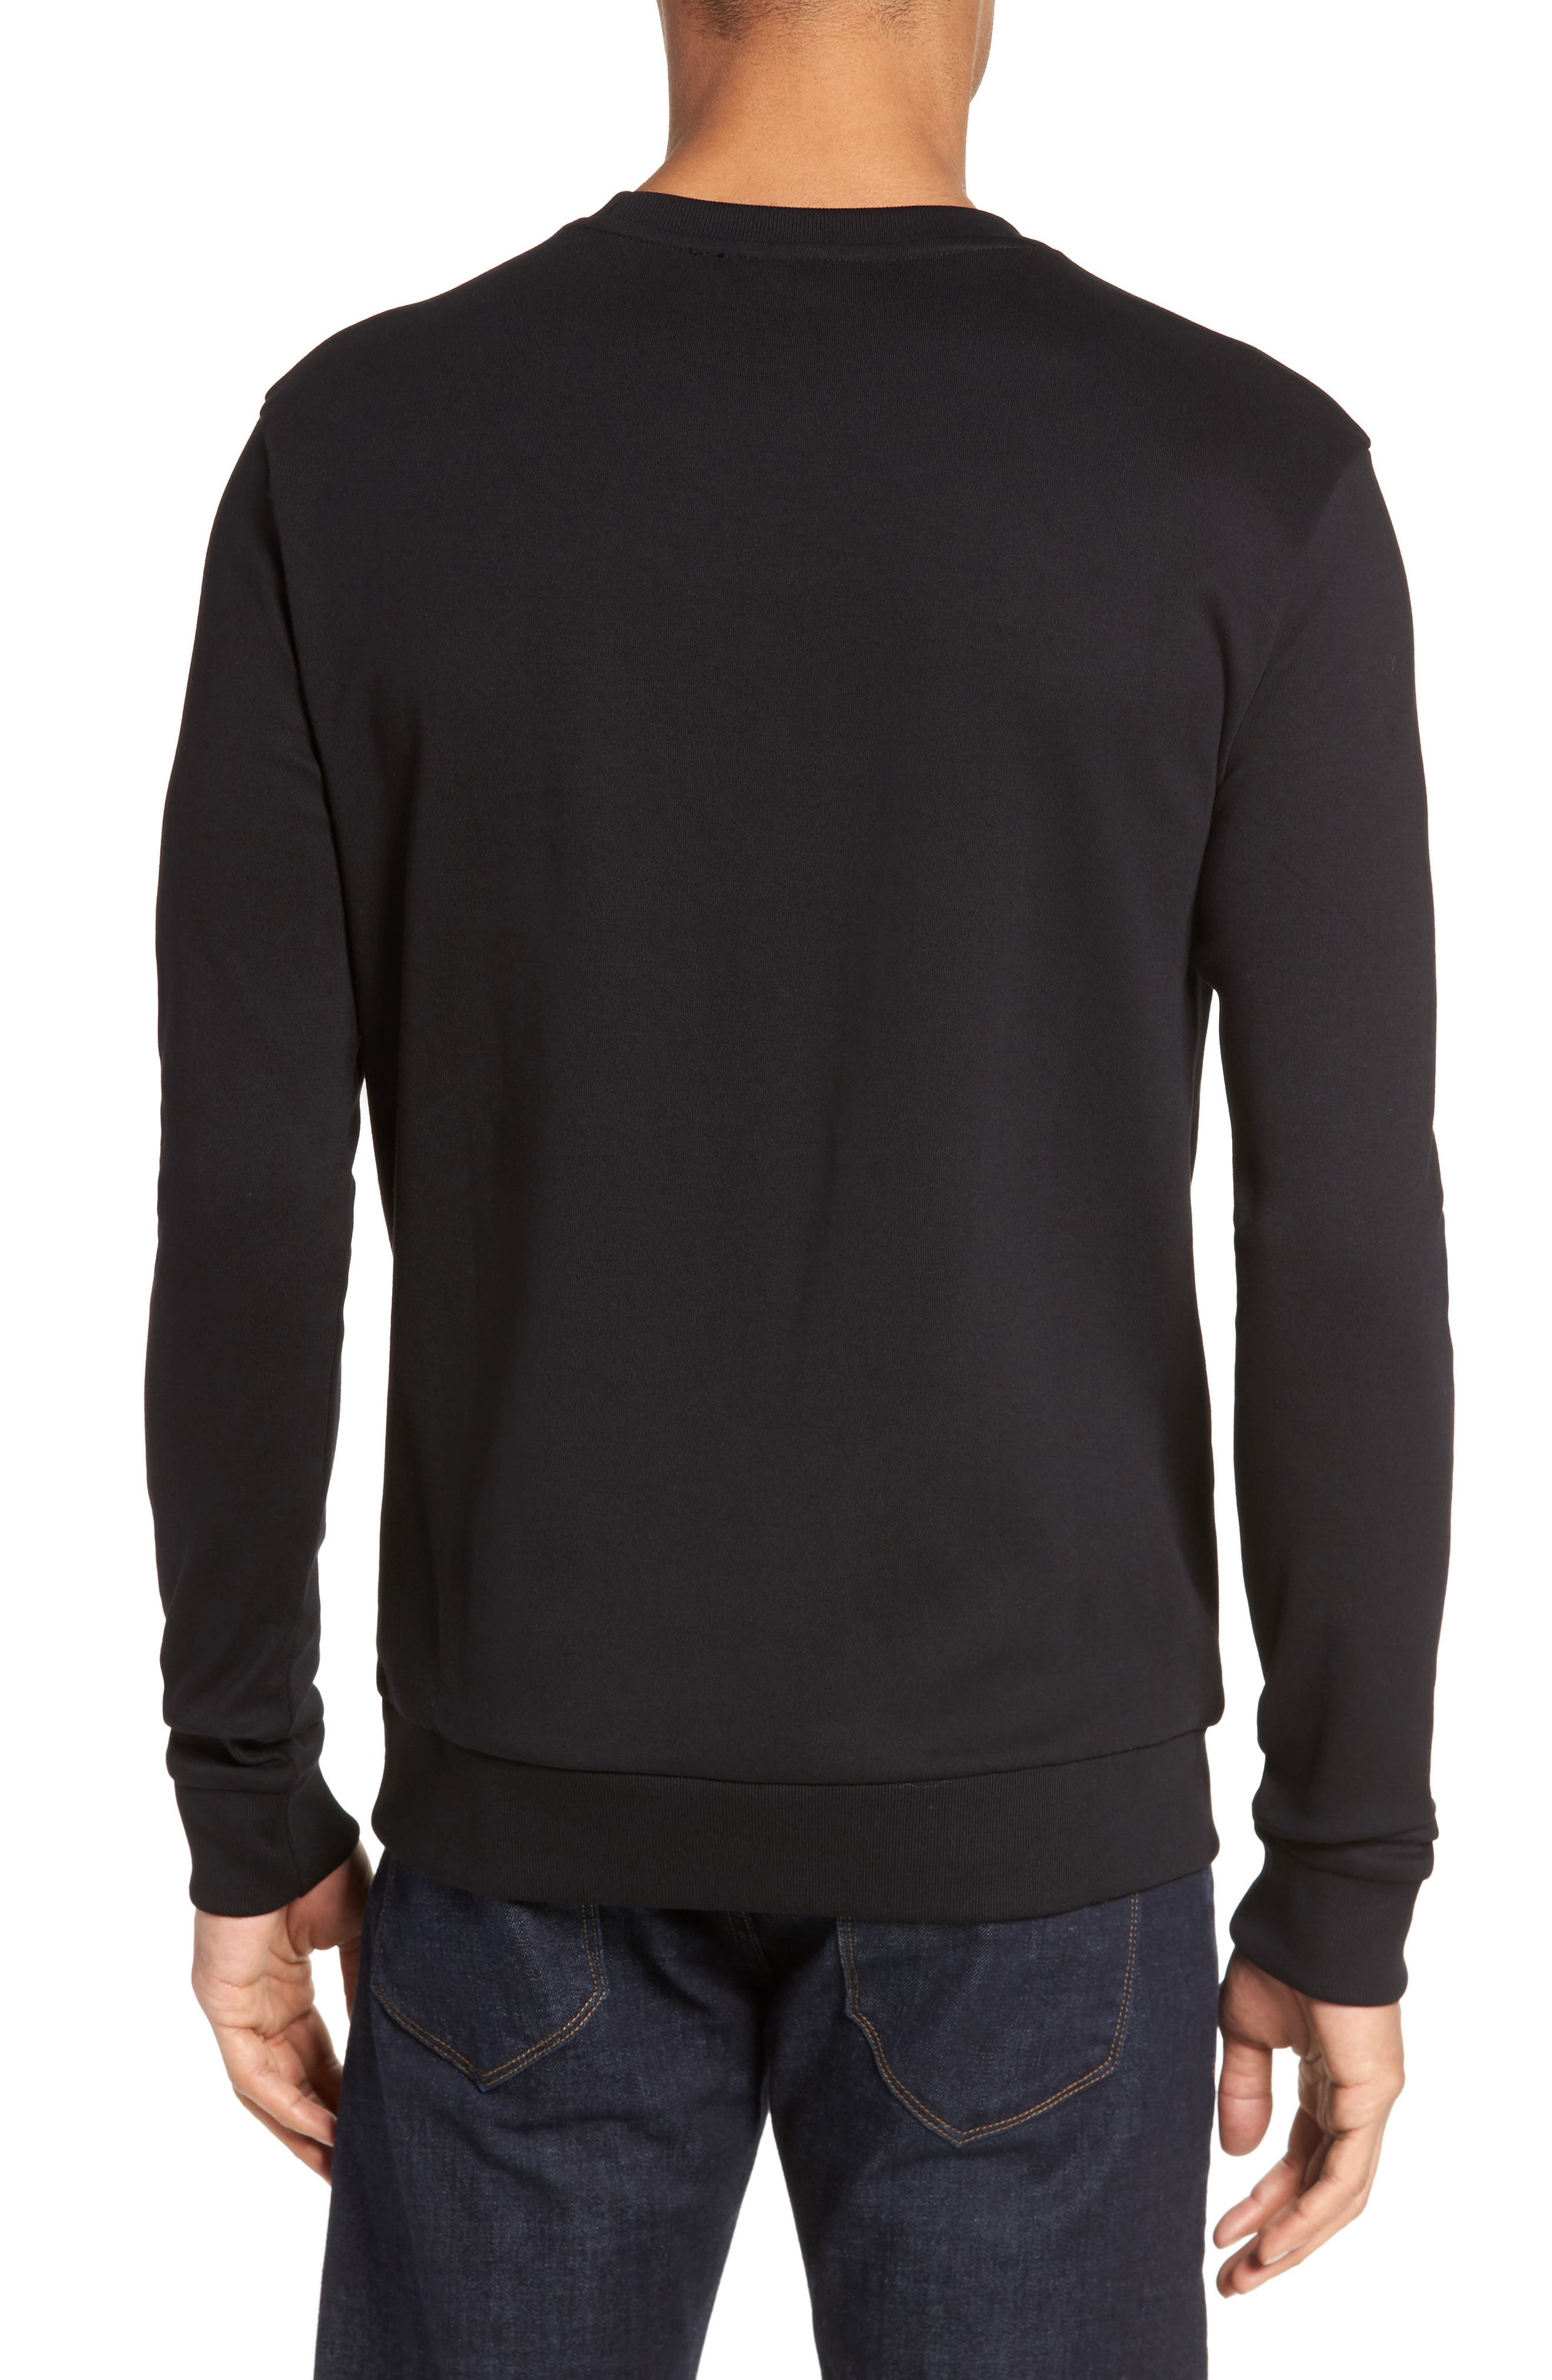 Dicagolo Logo Sweatshirt,                             Alternate thumbnail 2, color,                             001